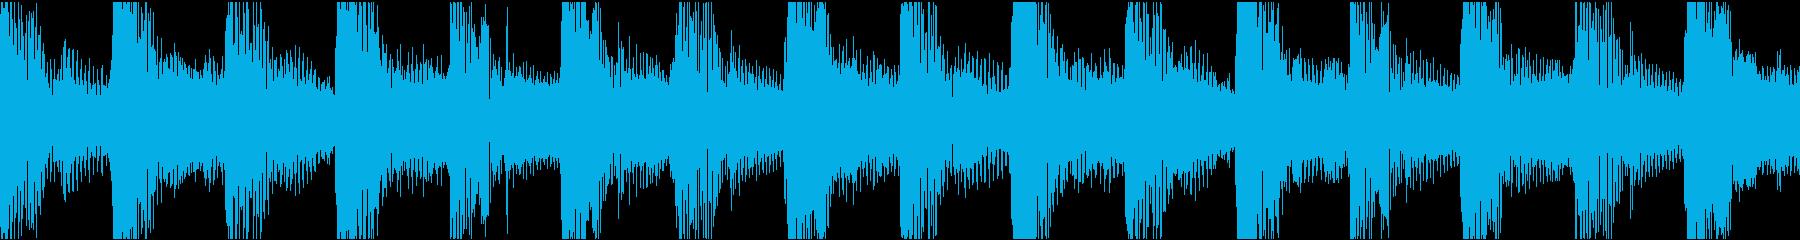 オルタナティブポップロックインスト...の再生済みの波形